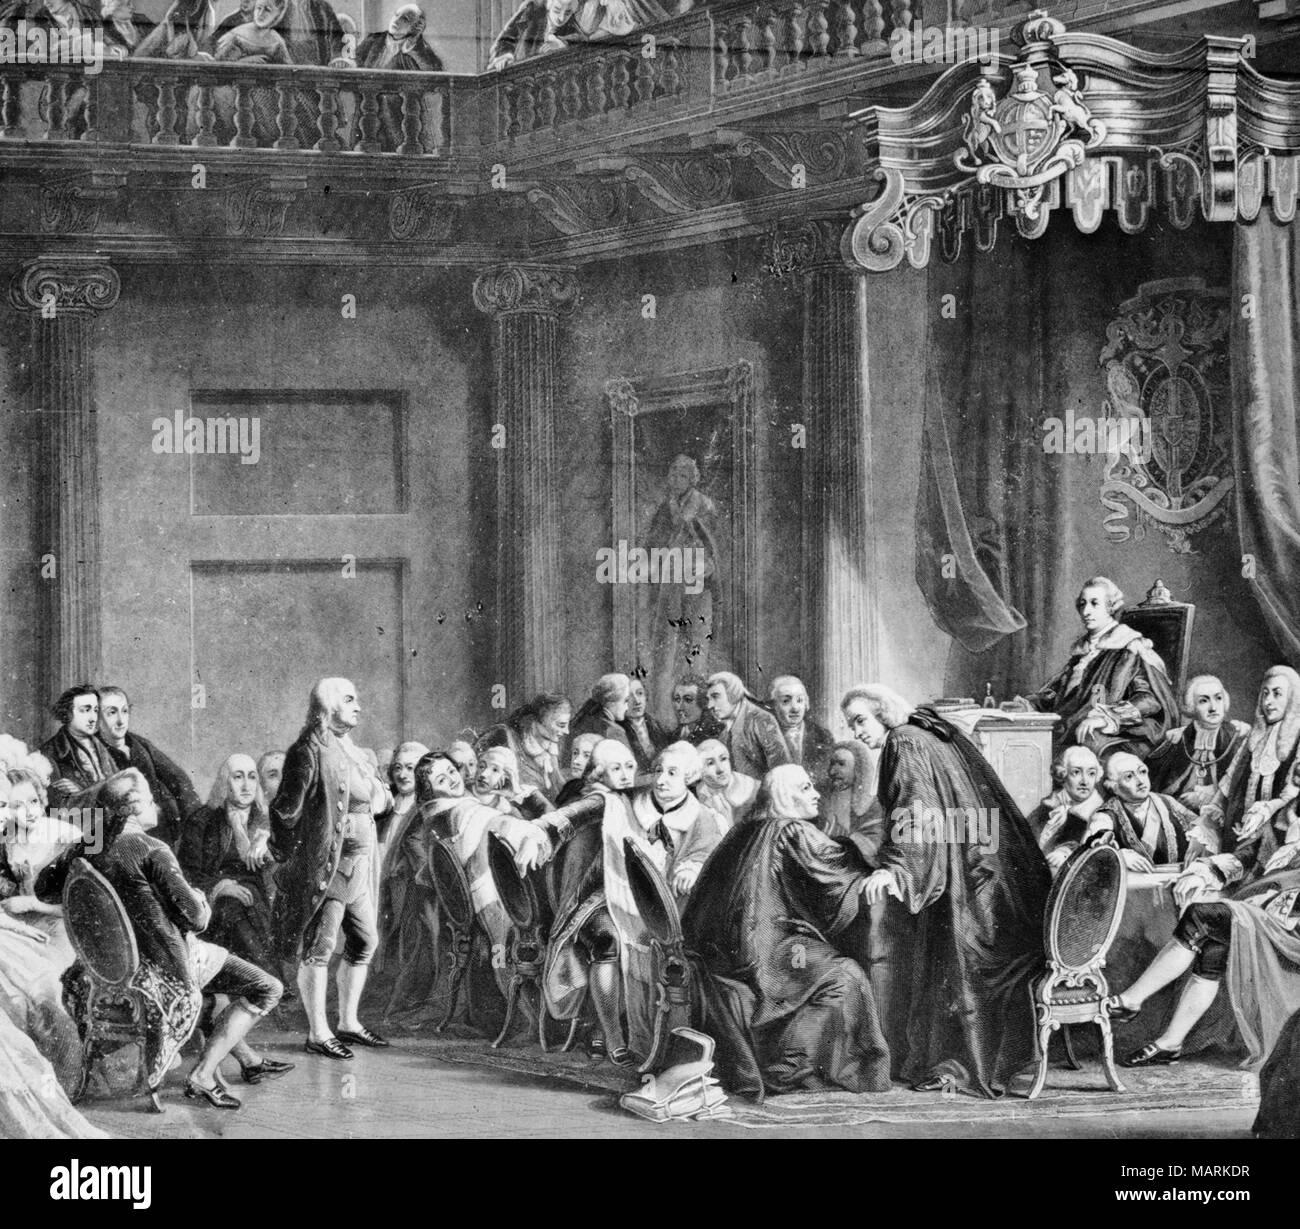 Benjamin Franklin presso la corte di San Giacomo; immagine raffigura la sessione del Consiglio Privy in cui Franklin è harangued per il suo ruolo nell'Hutchinson lettere vicenda nel 1774. Franklin lascia Inghilterra non molto tempo dopo, impegnati a indipendenza americana. Immagini Stock